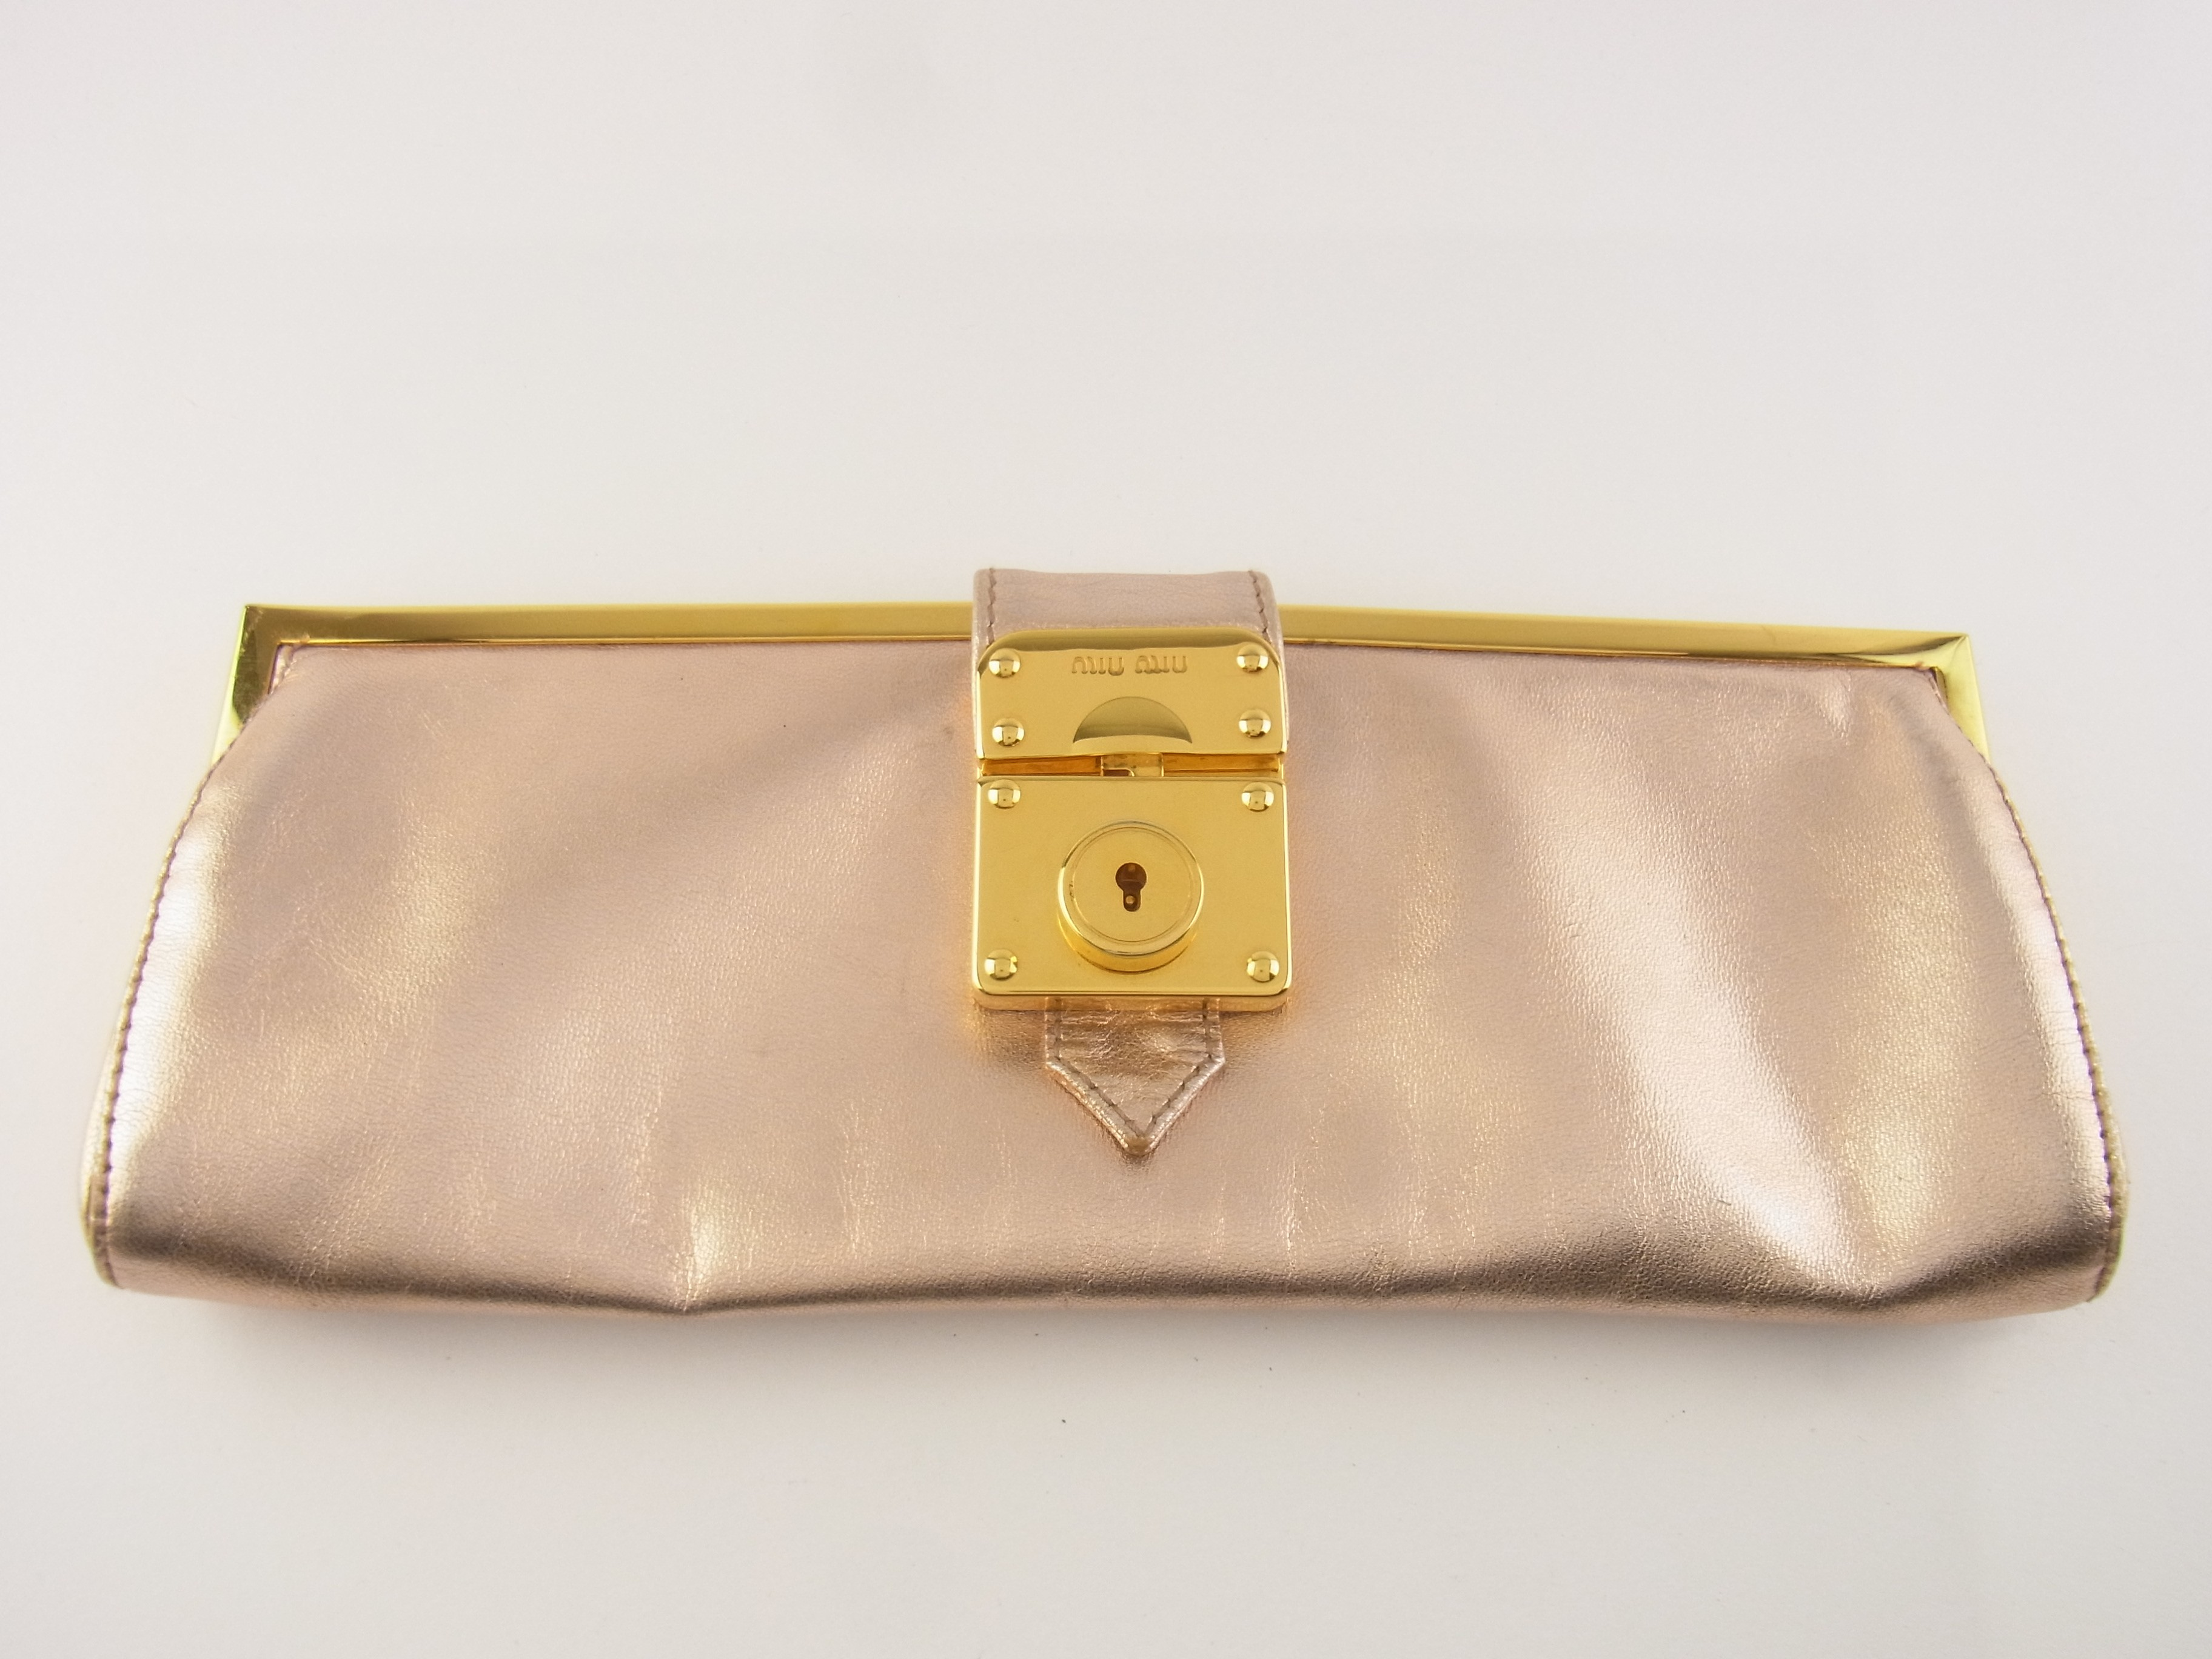 db5c79b5b54a2 Original Miu Miu Tasche Mini Clutch Pochette Leder Rose Metallic ...